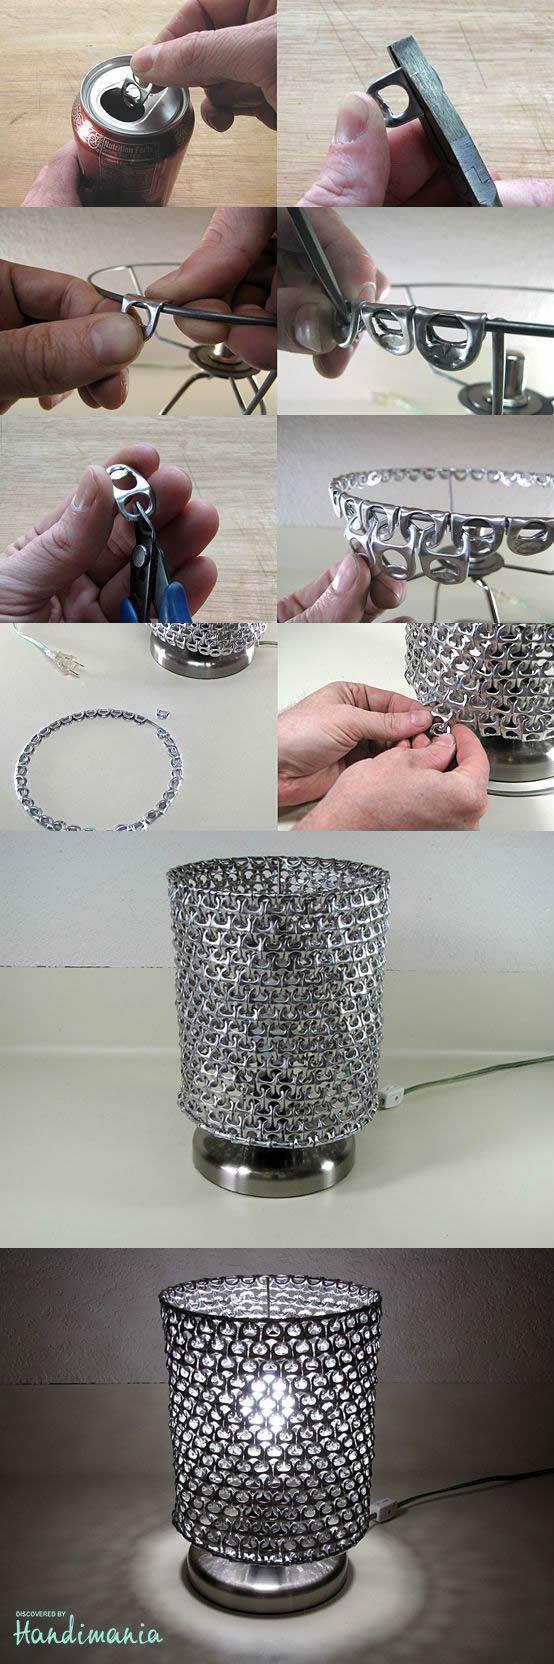 Como Reciclar Lacres de Latinha para fazer Artesanatos